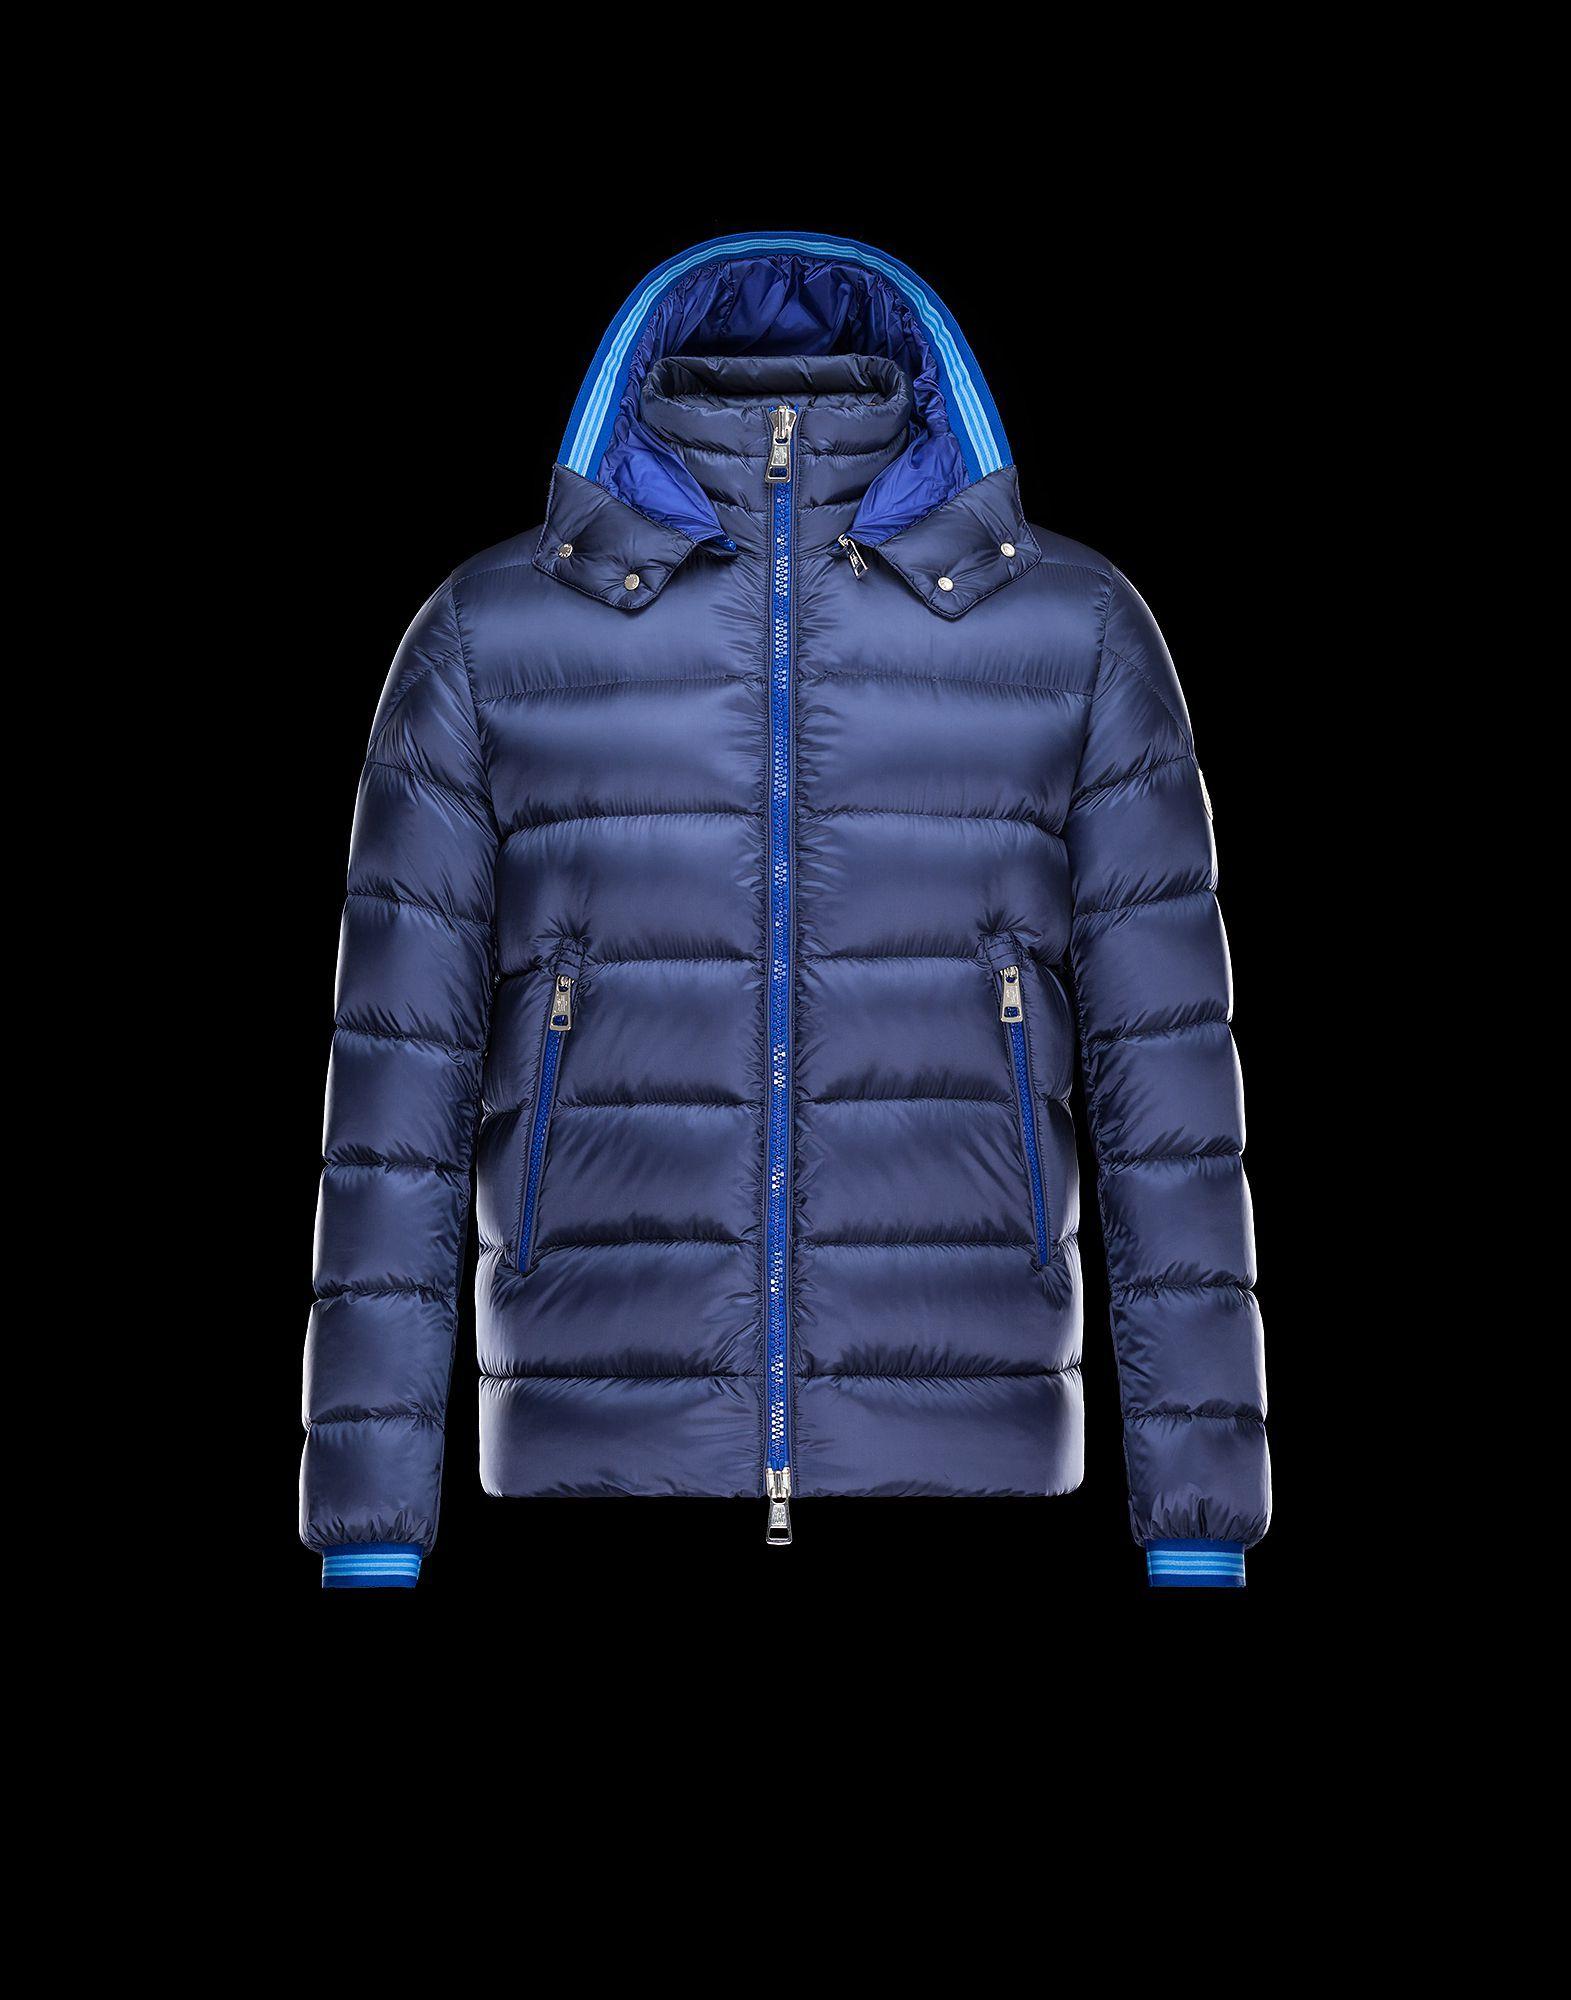 Piumino invernale da uomo Nuovo 95% Piumino d'oca bianca con cappuccio Marchio di alta qualità Abbigliamento maschile Giù Parka 187